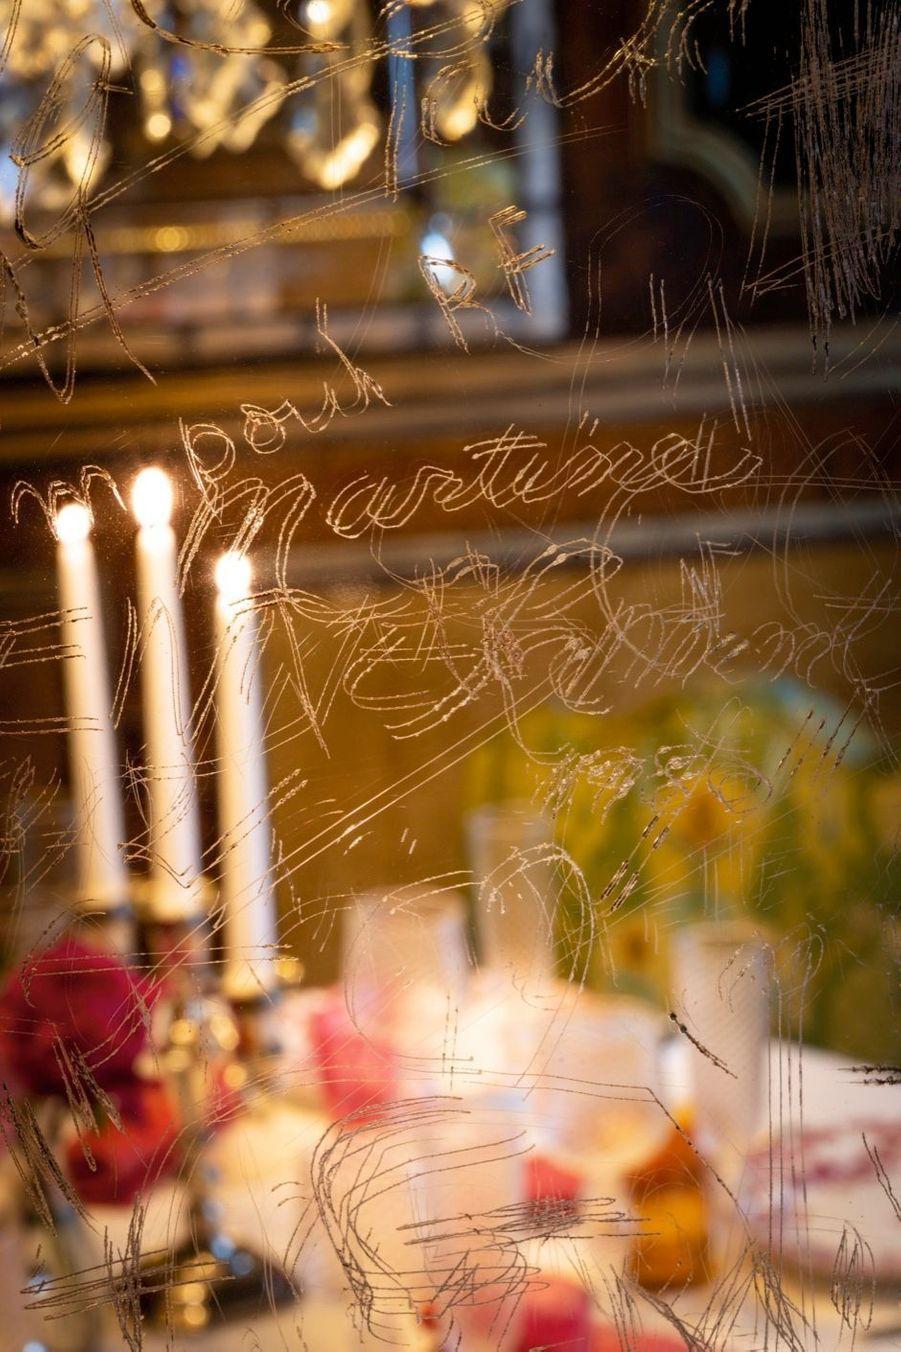 Serments de cristal, les prénoms et les cœurs gravés sur les miroirs témoignent des passions amoureuses.